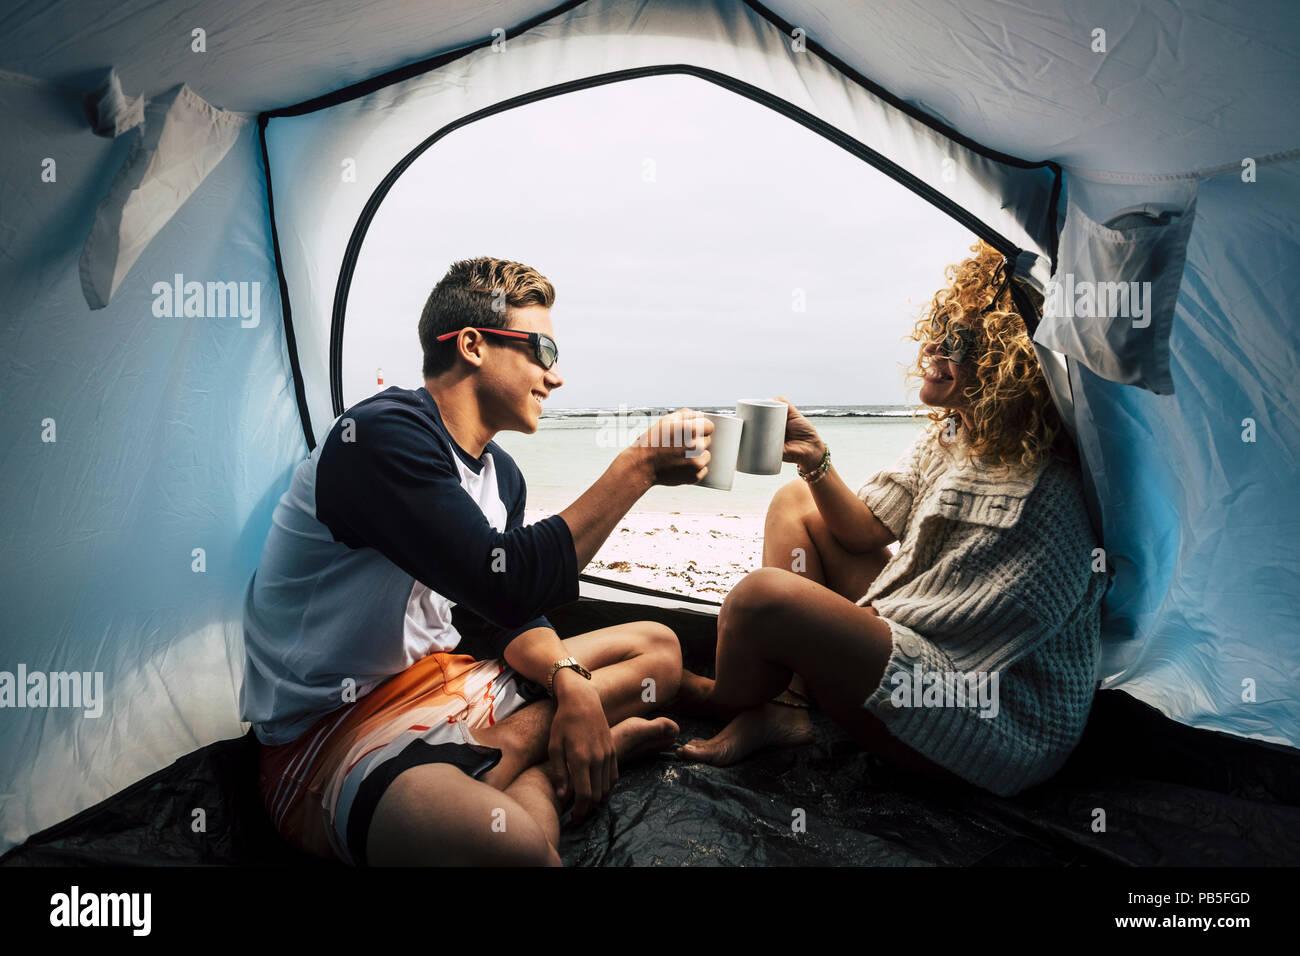 Mutter und Sohn in der Familie Freizeit Outdoor. Reisen und Camping am Strand in der Nähe des Meeres und das Gefühl der Wellen genießen. Trinken einer Tasse Kaffee Stockbild